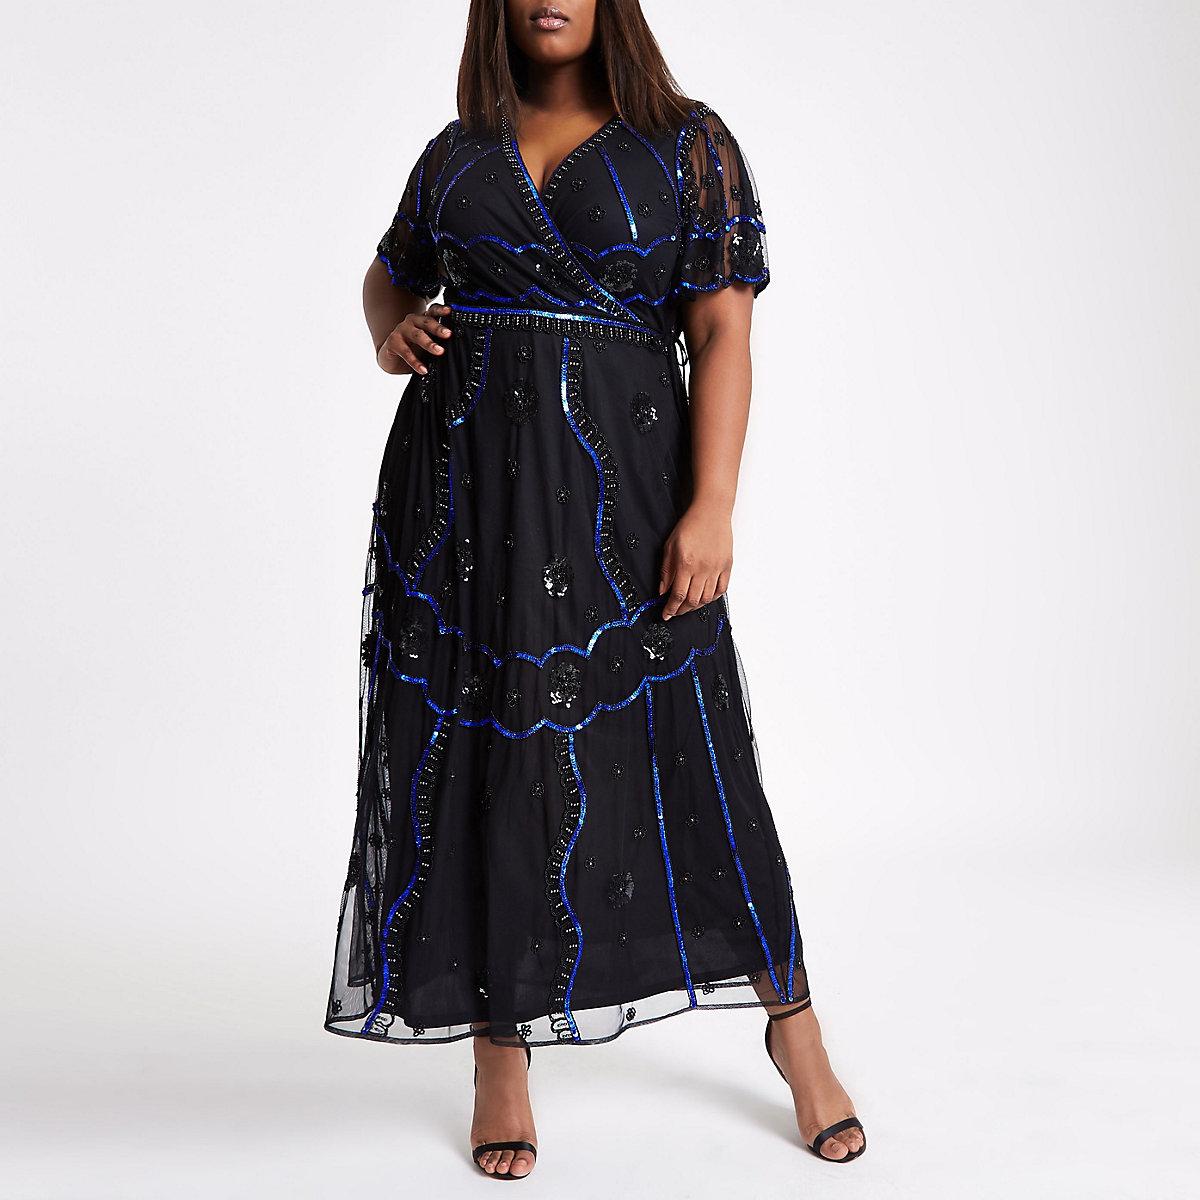 f929558252656 Robe longue Plus noire ornée style portefeuille - Robes longues ...